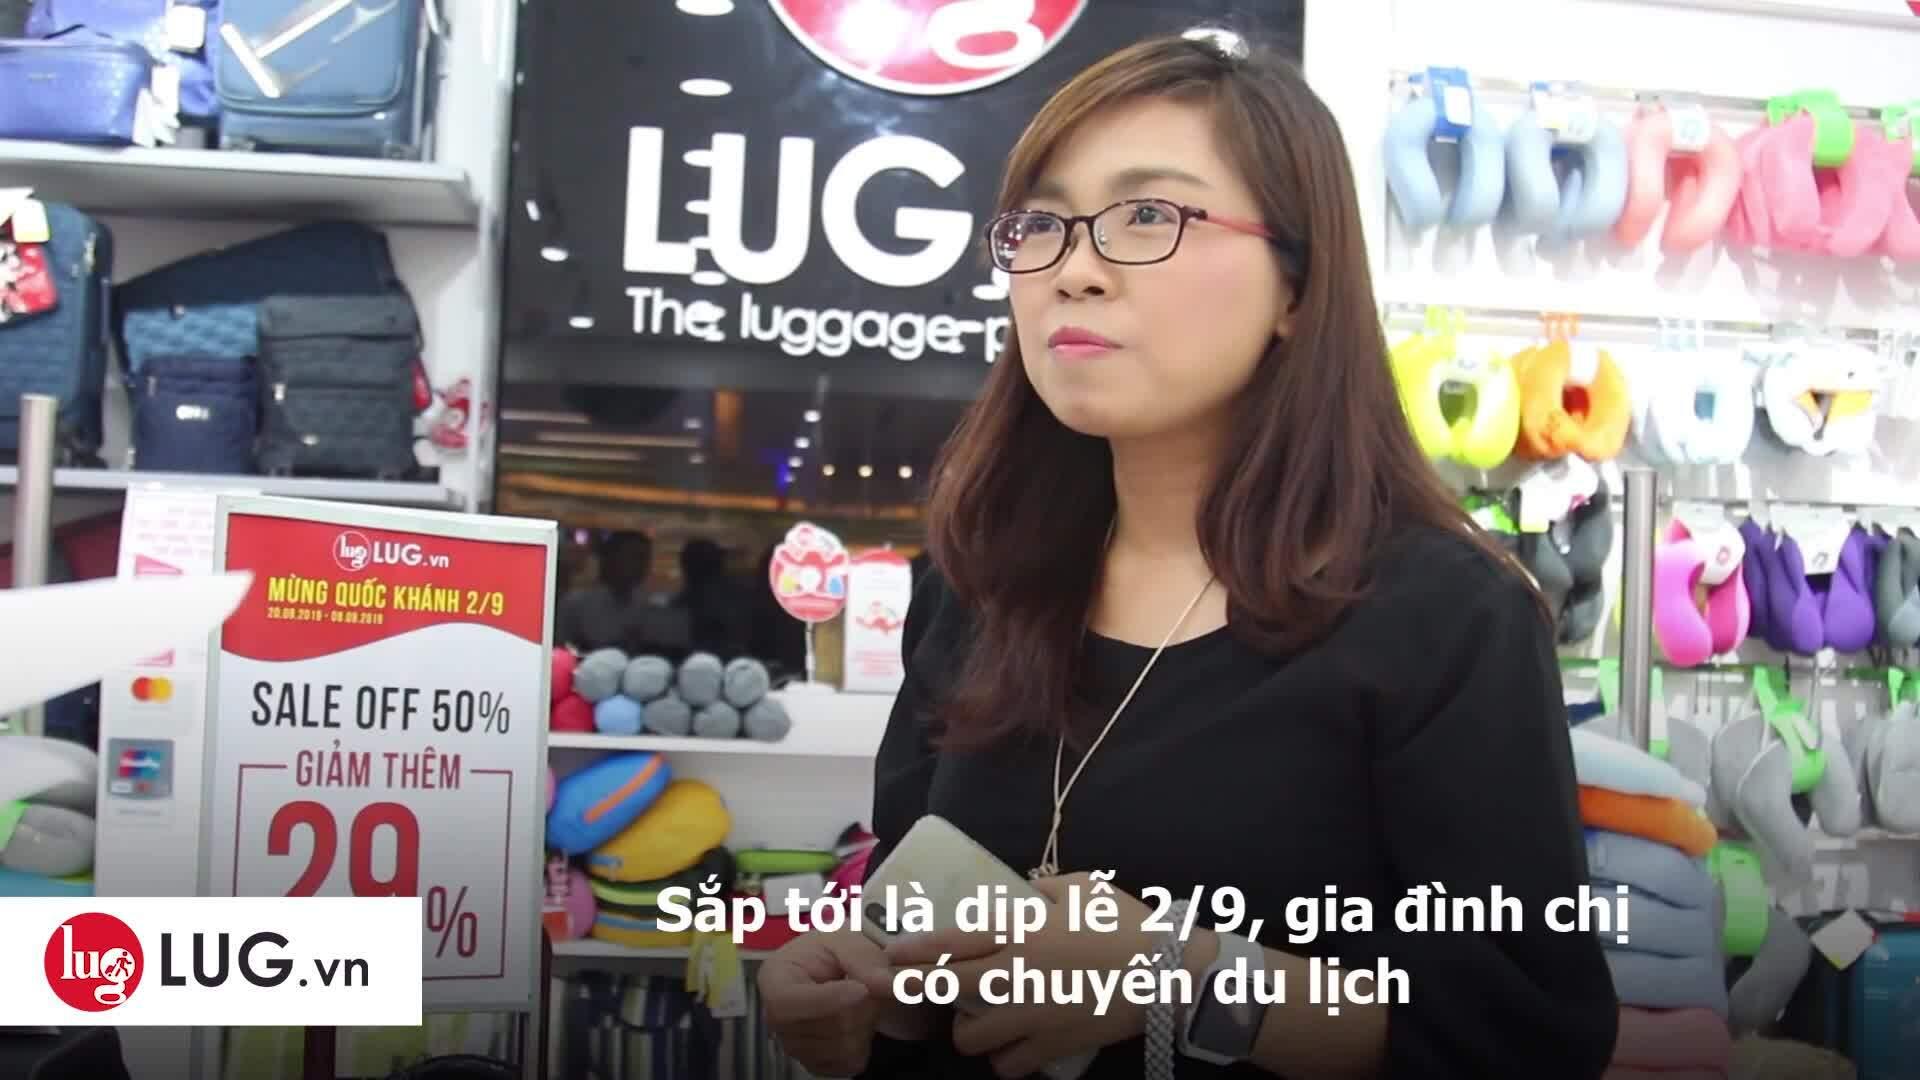 Tại sao người tiêu dùng chuộng mua vali dịp 2/9